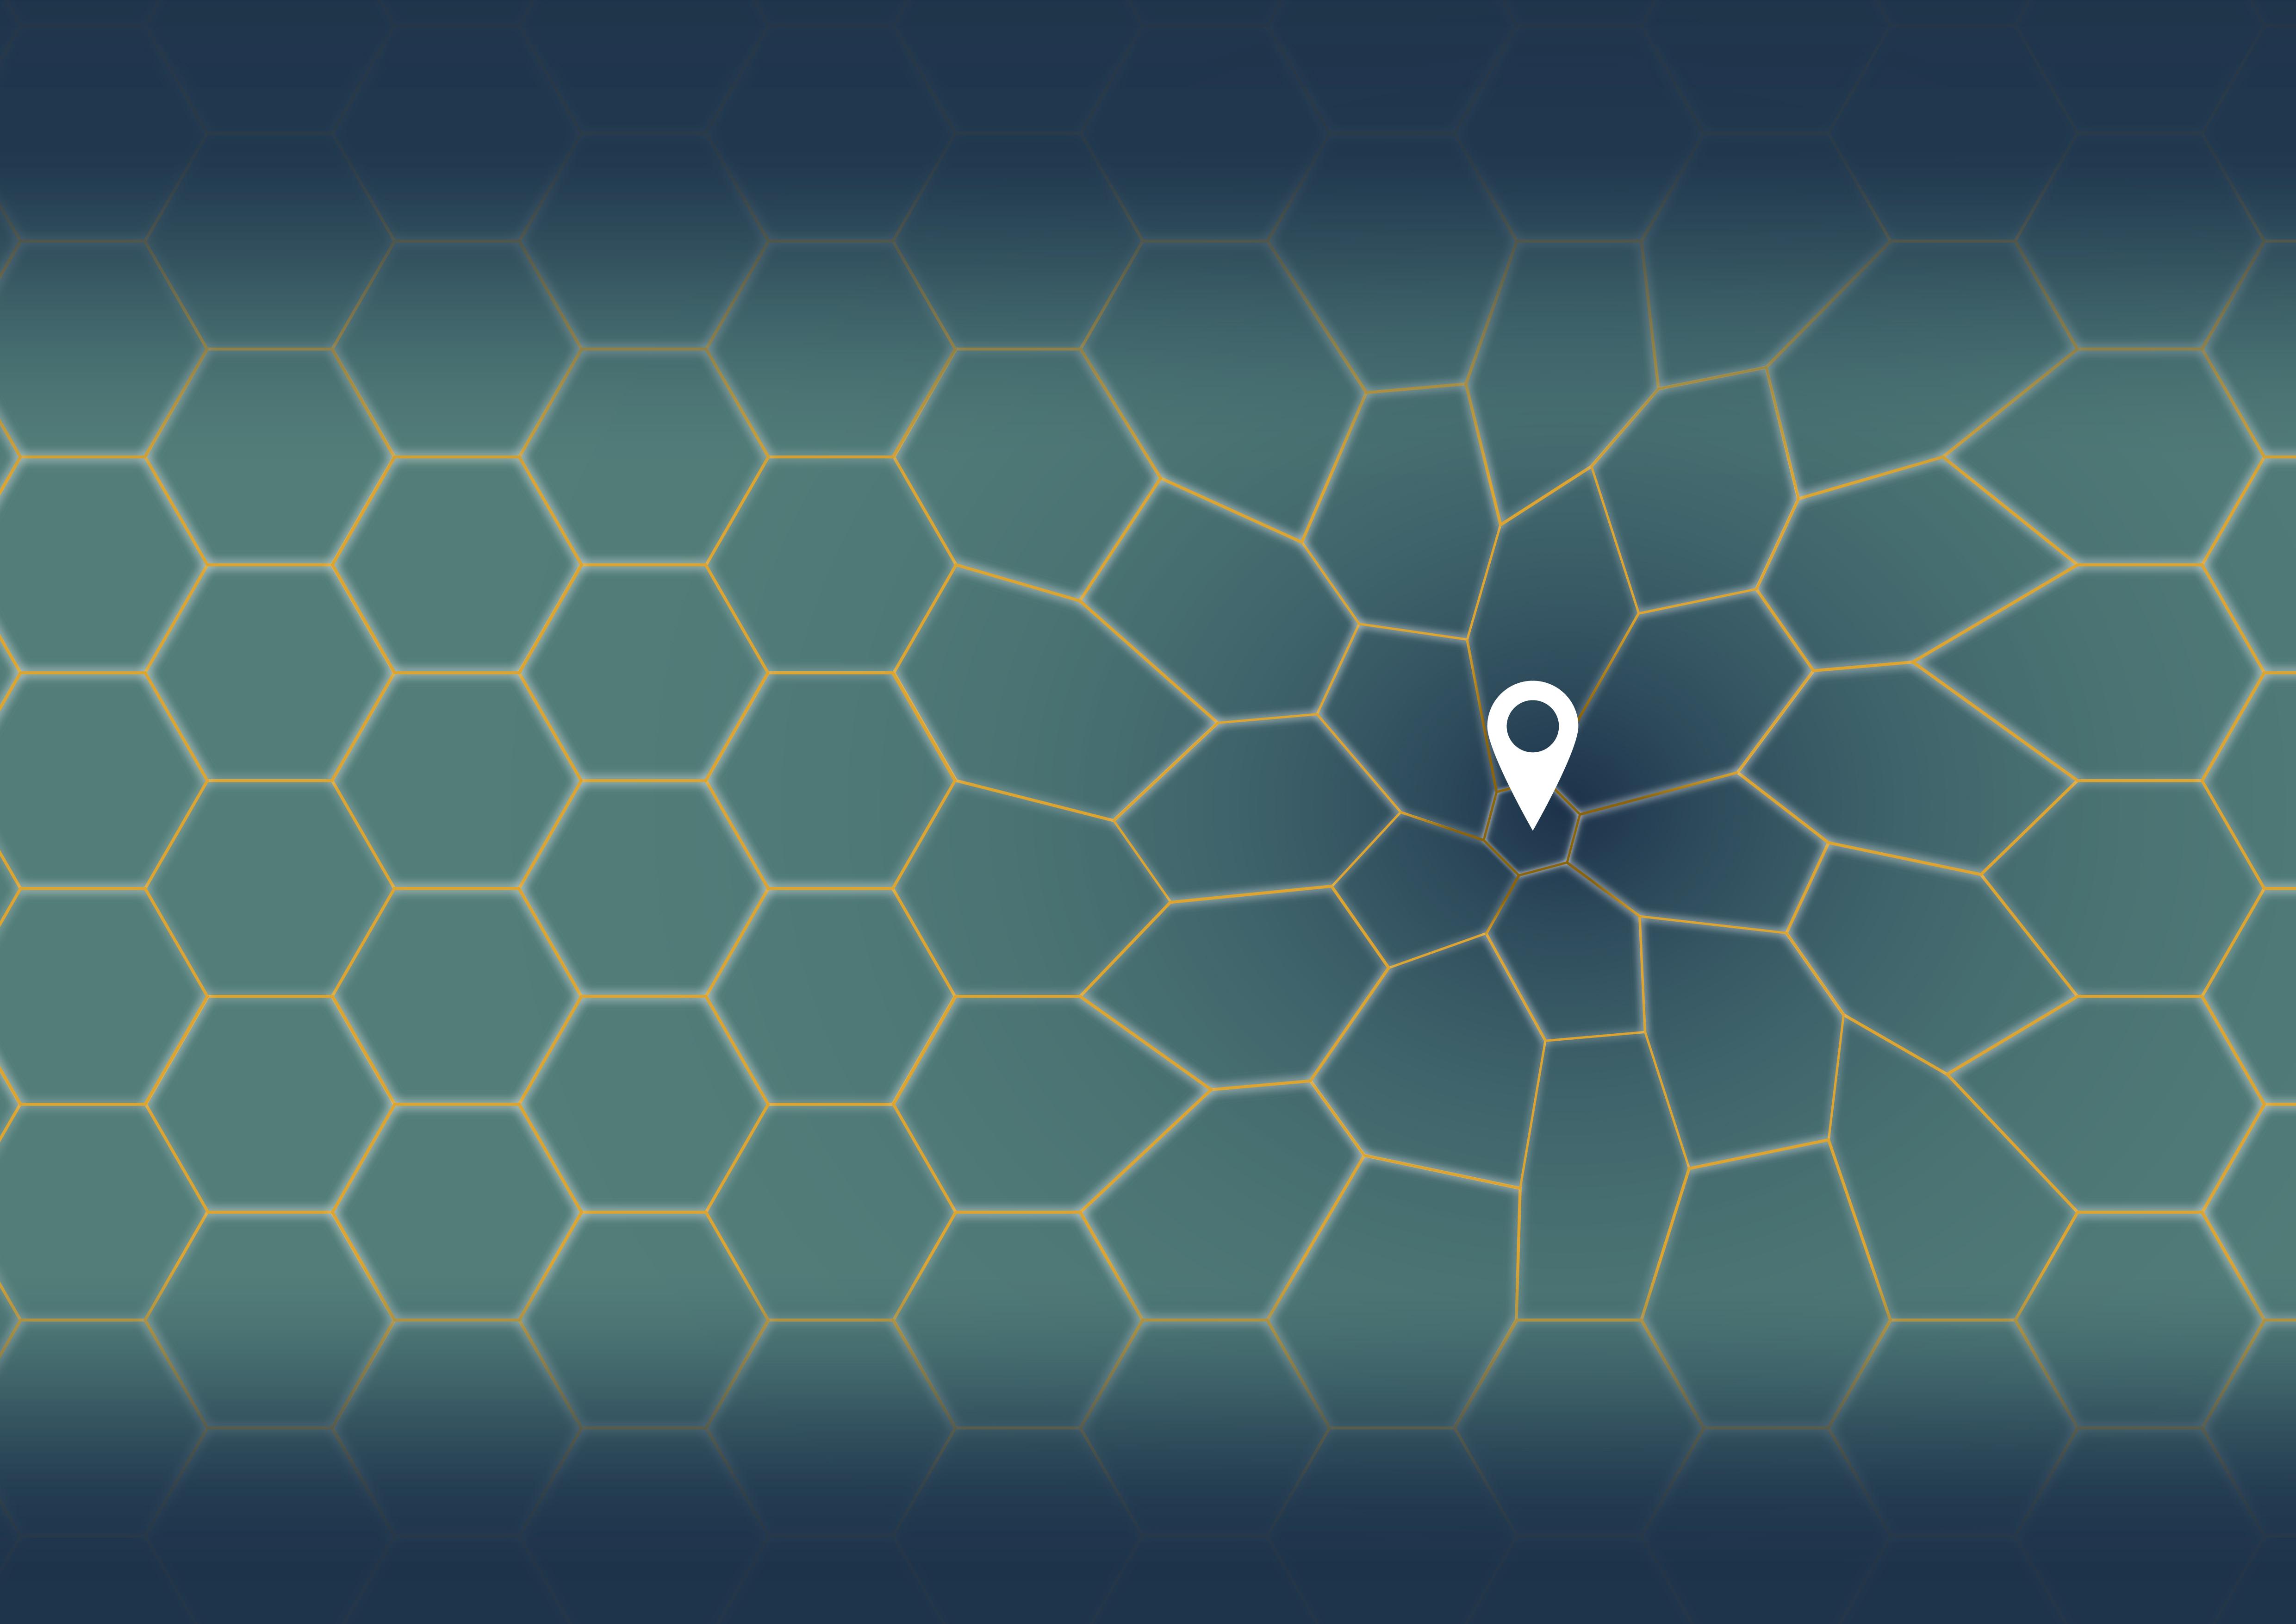 Representación gráfica de cómo se distorsiona la memoria espacial cuando navegamos por un entorno geométricamente irregular: los hexágonos se desconfiguran, se convierten en trapecios y se deterioran los recuerdos del entorno. MPI CBS